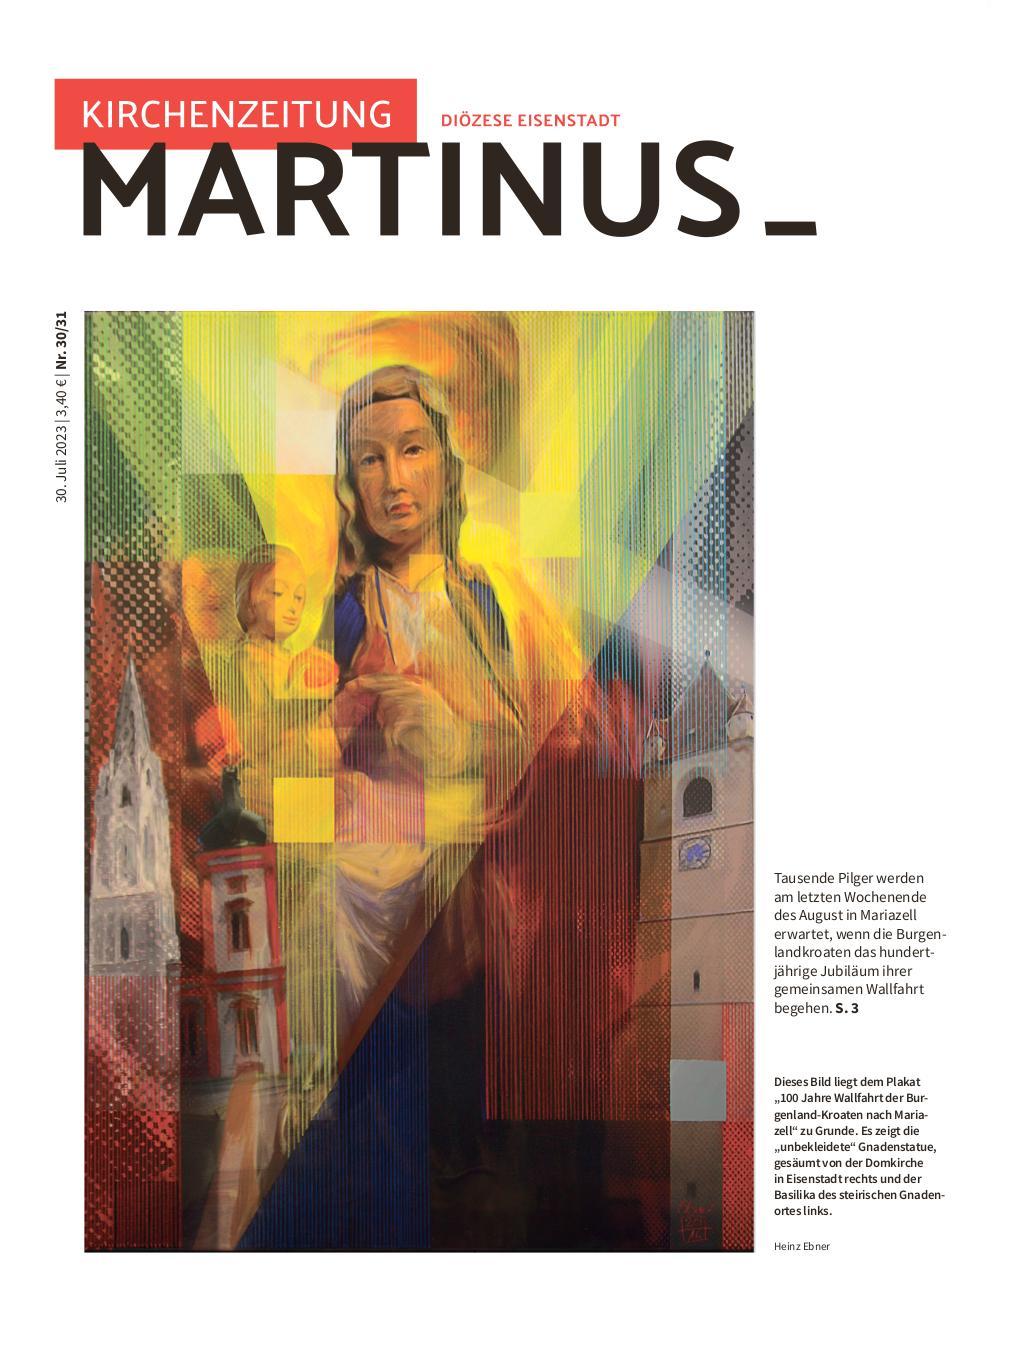 Burgenland | martinus